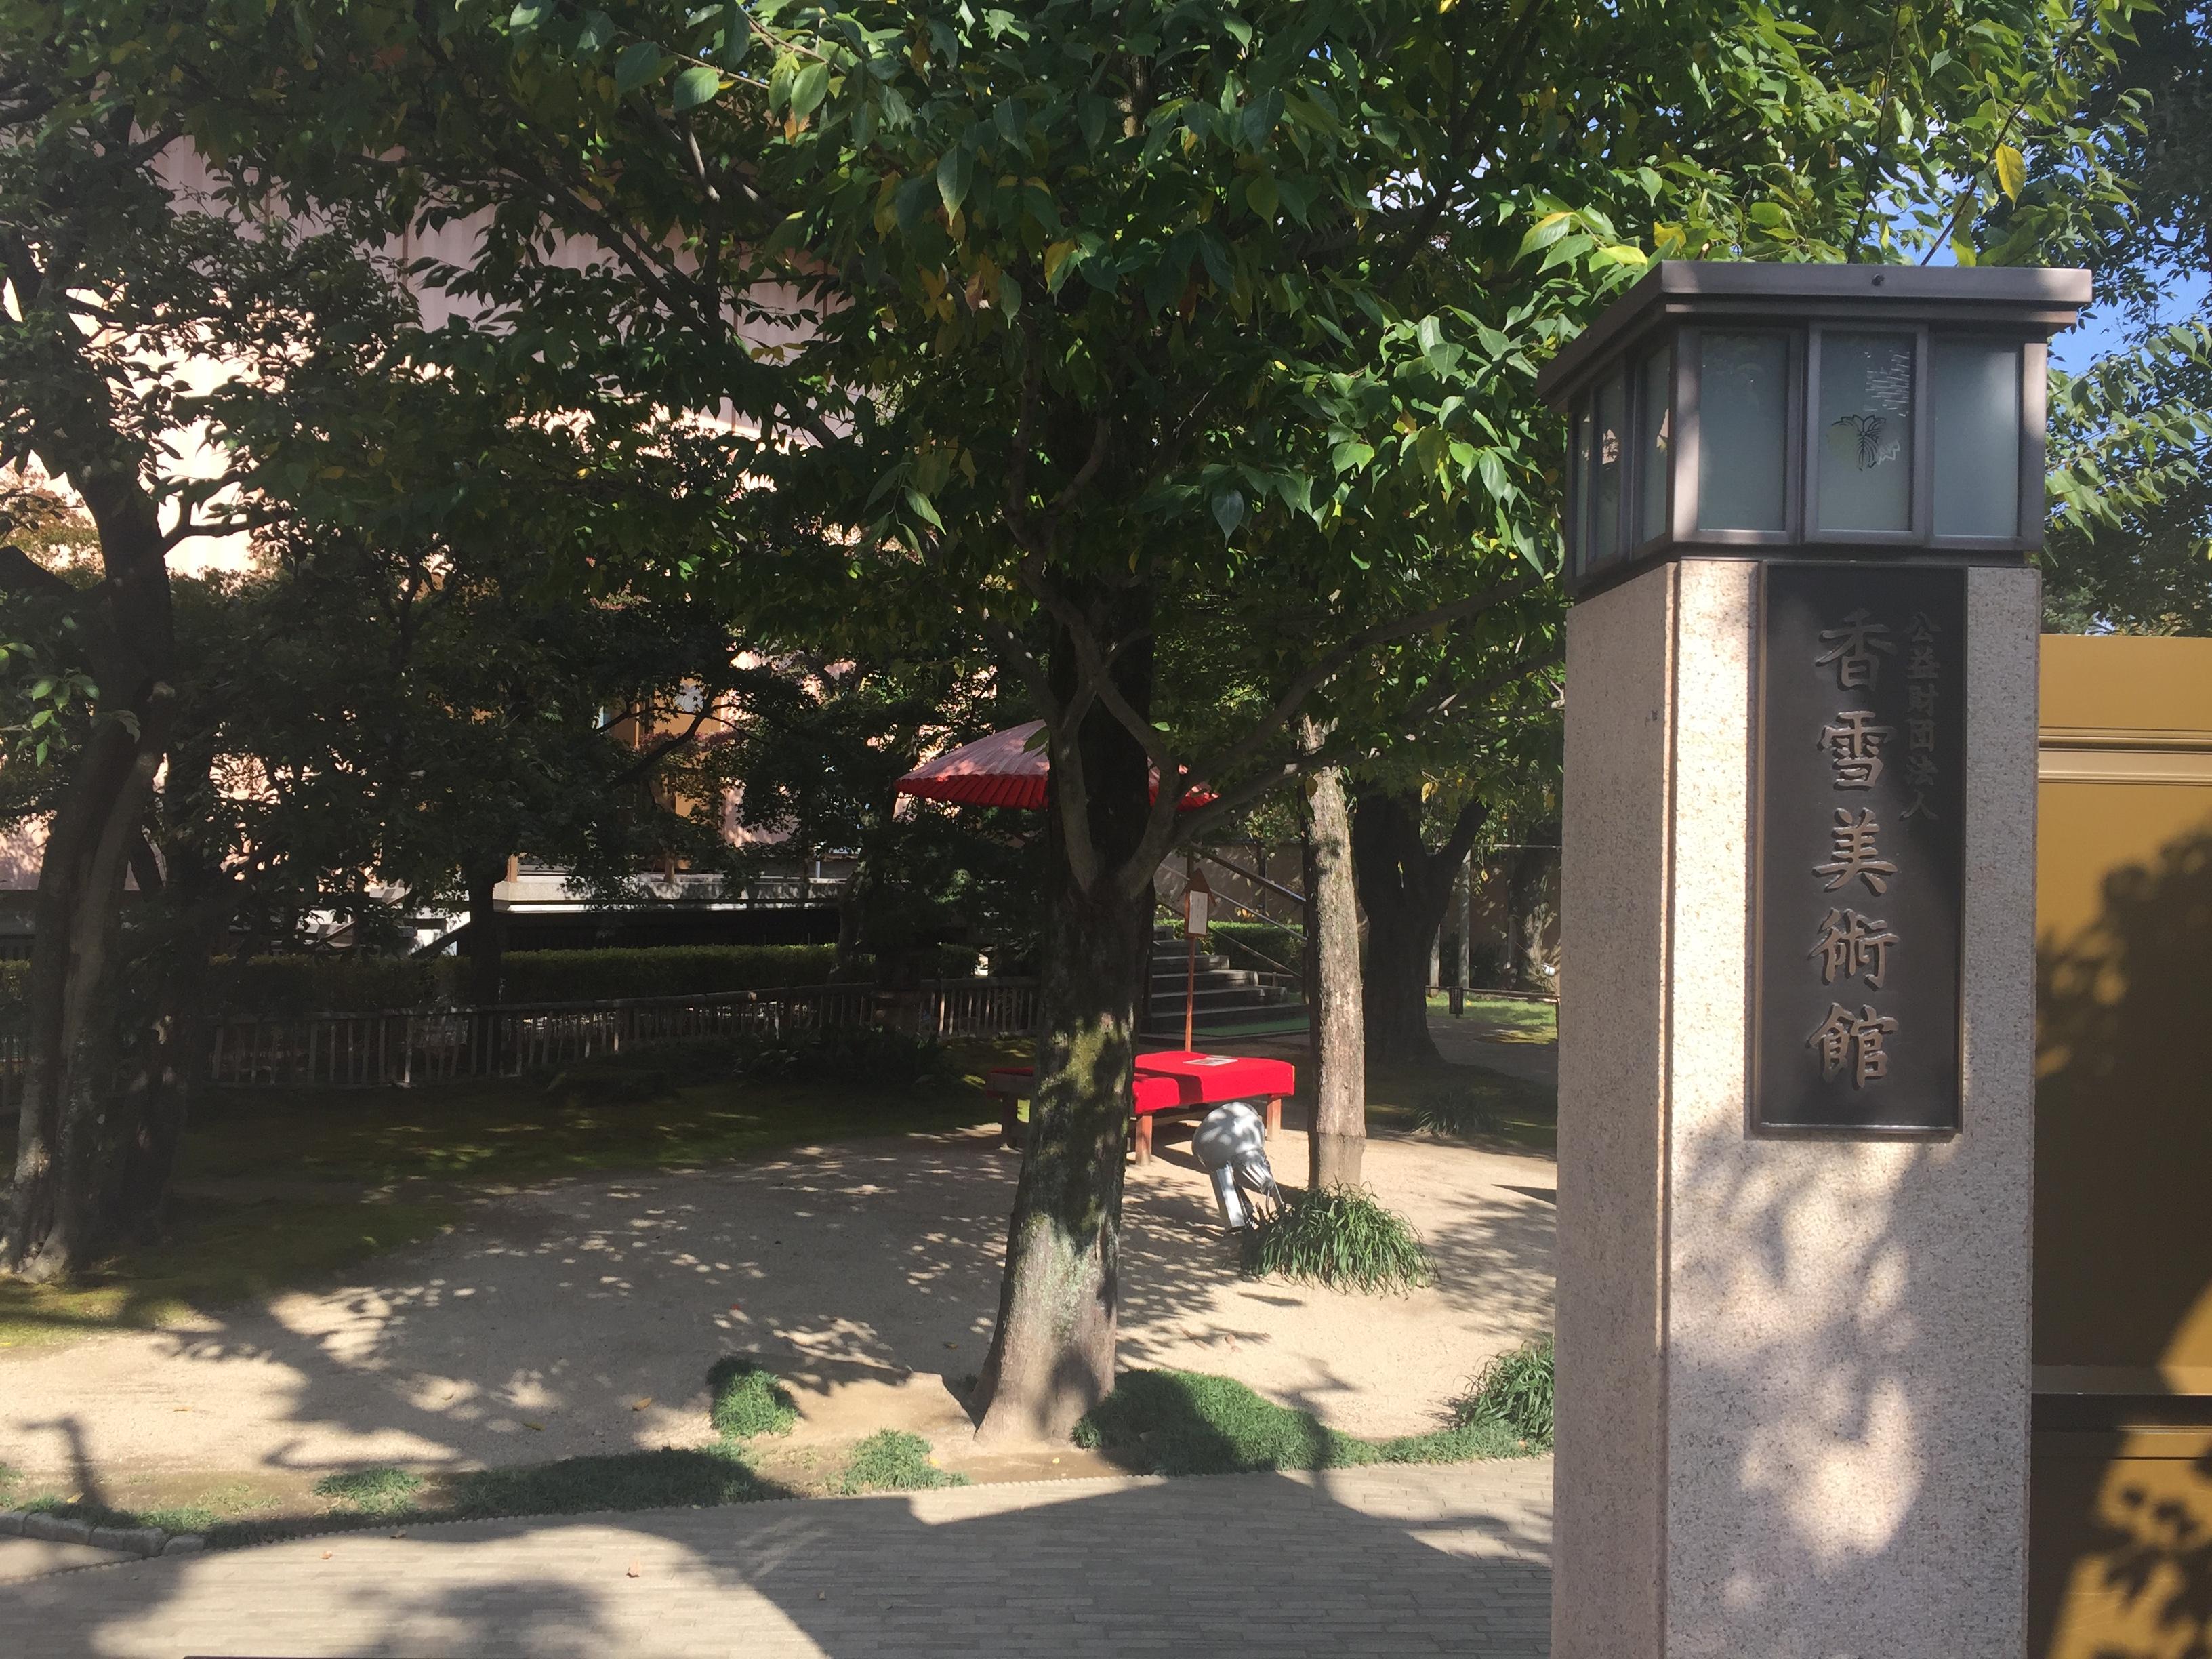 神戸・御影にある「香雪美術館」で美術品と庭園を楽しんだよ【神戸東灘アートマンス対象】